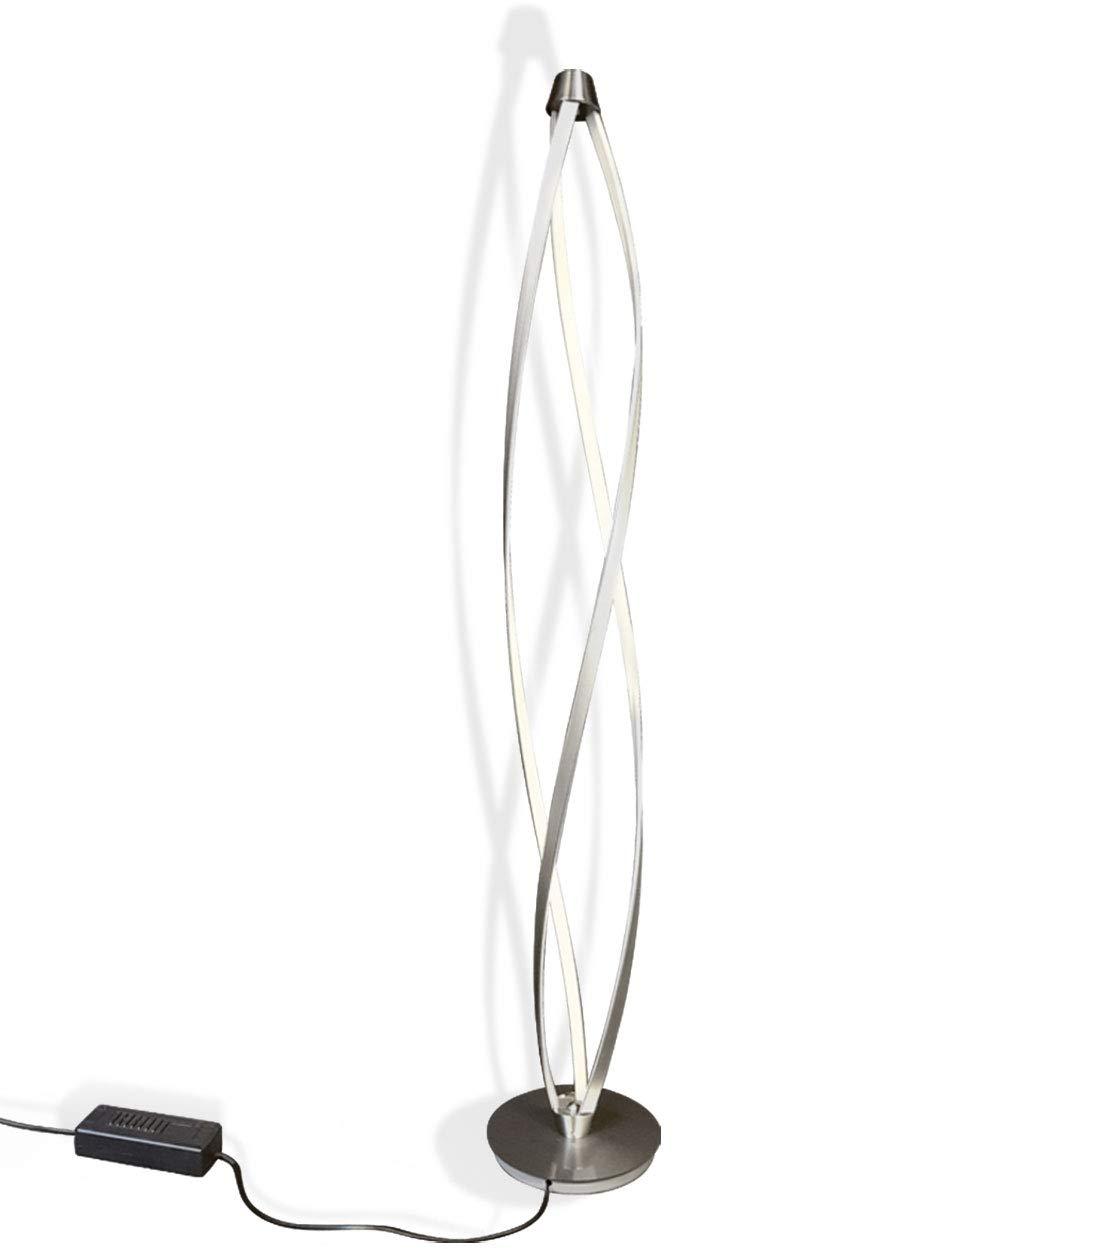 LED Stehleuchte Standlampe StehLampe Bodenlampe Bogenlampe Wohnzimmer spiralförmig dimmbar neues Design 30x140cm 36W warm-weiß